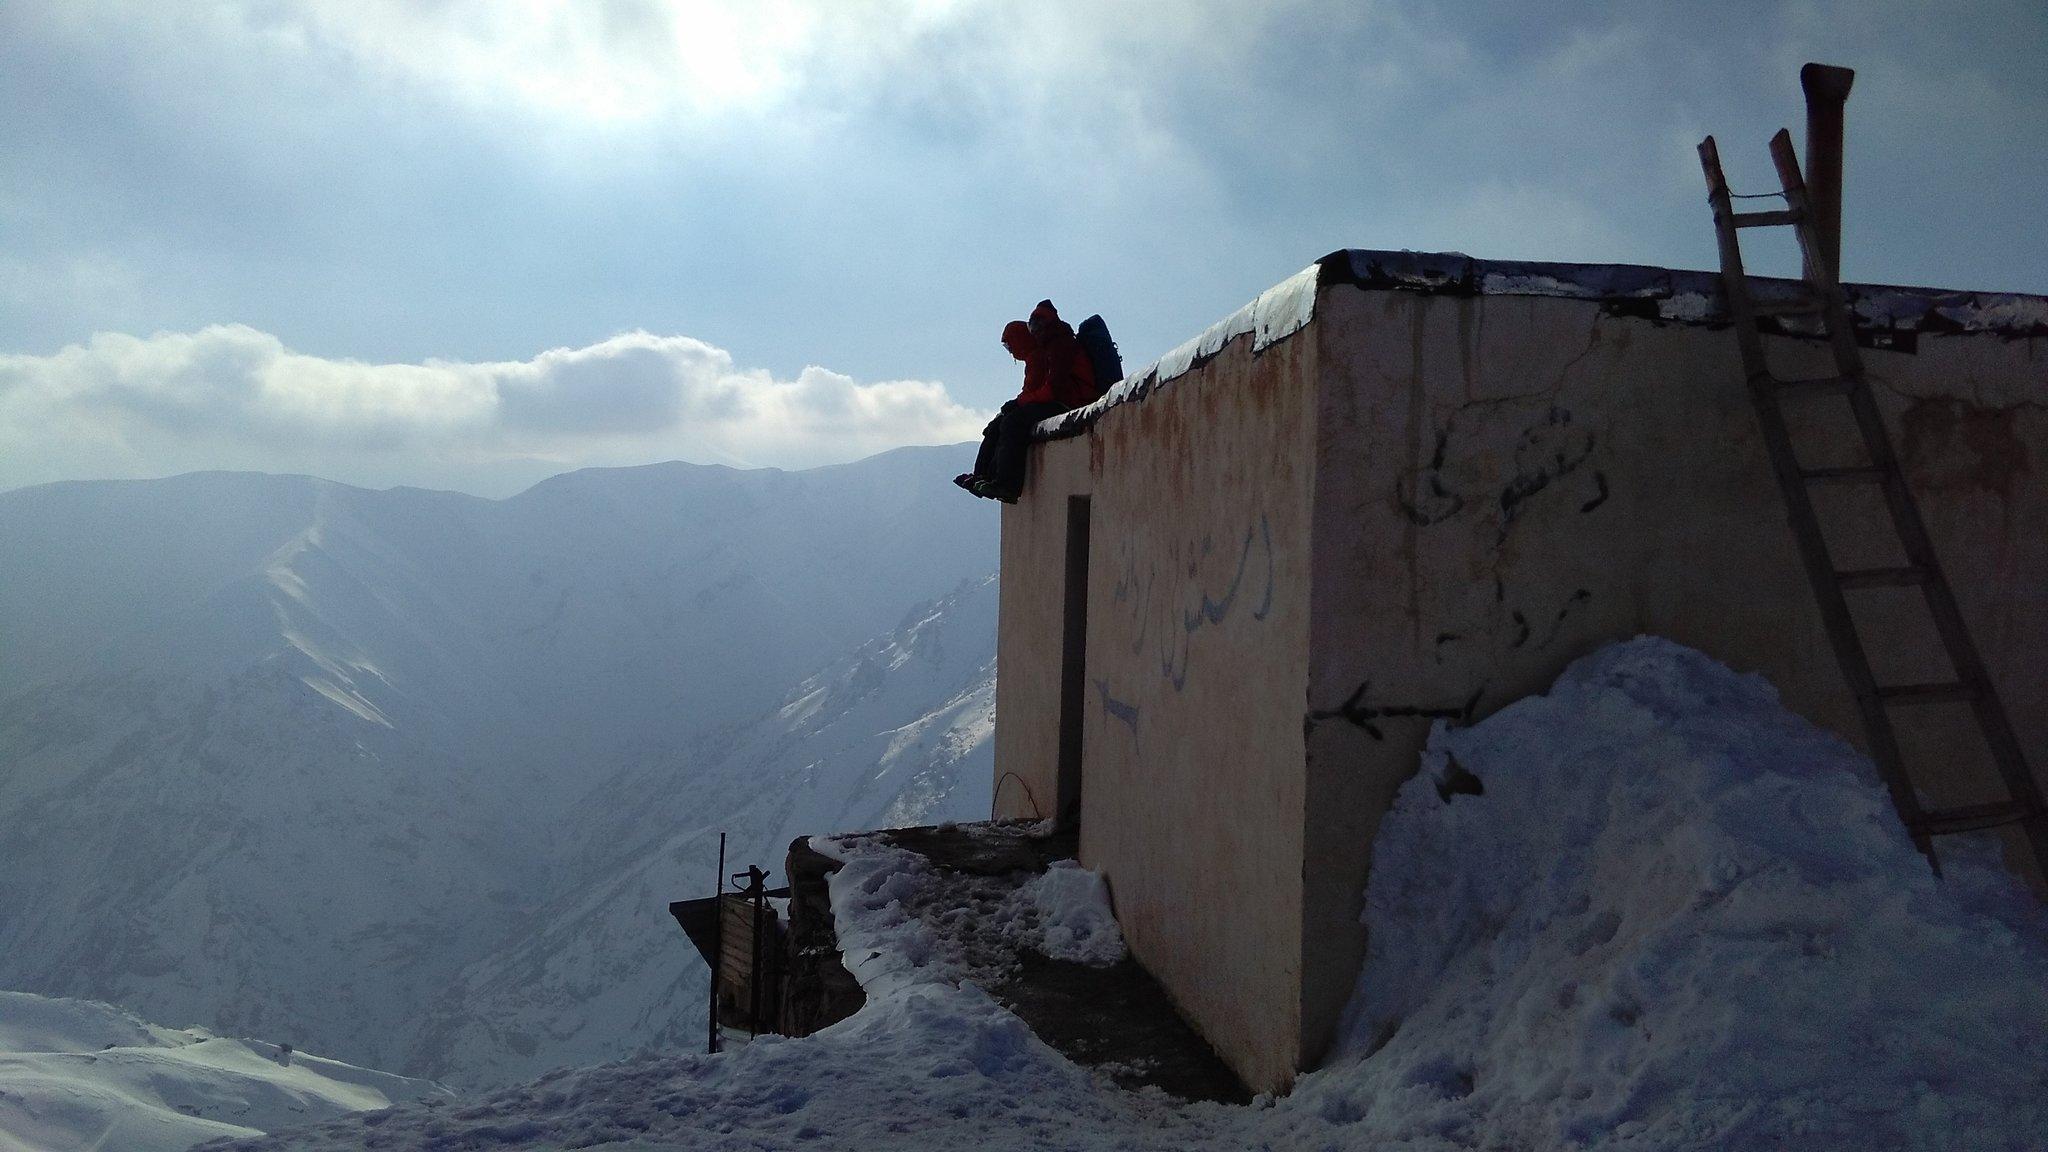 February: skiing in Iran